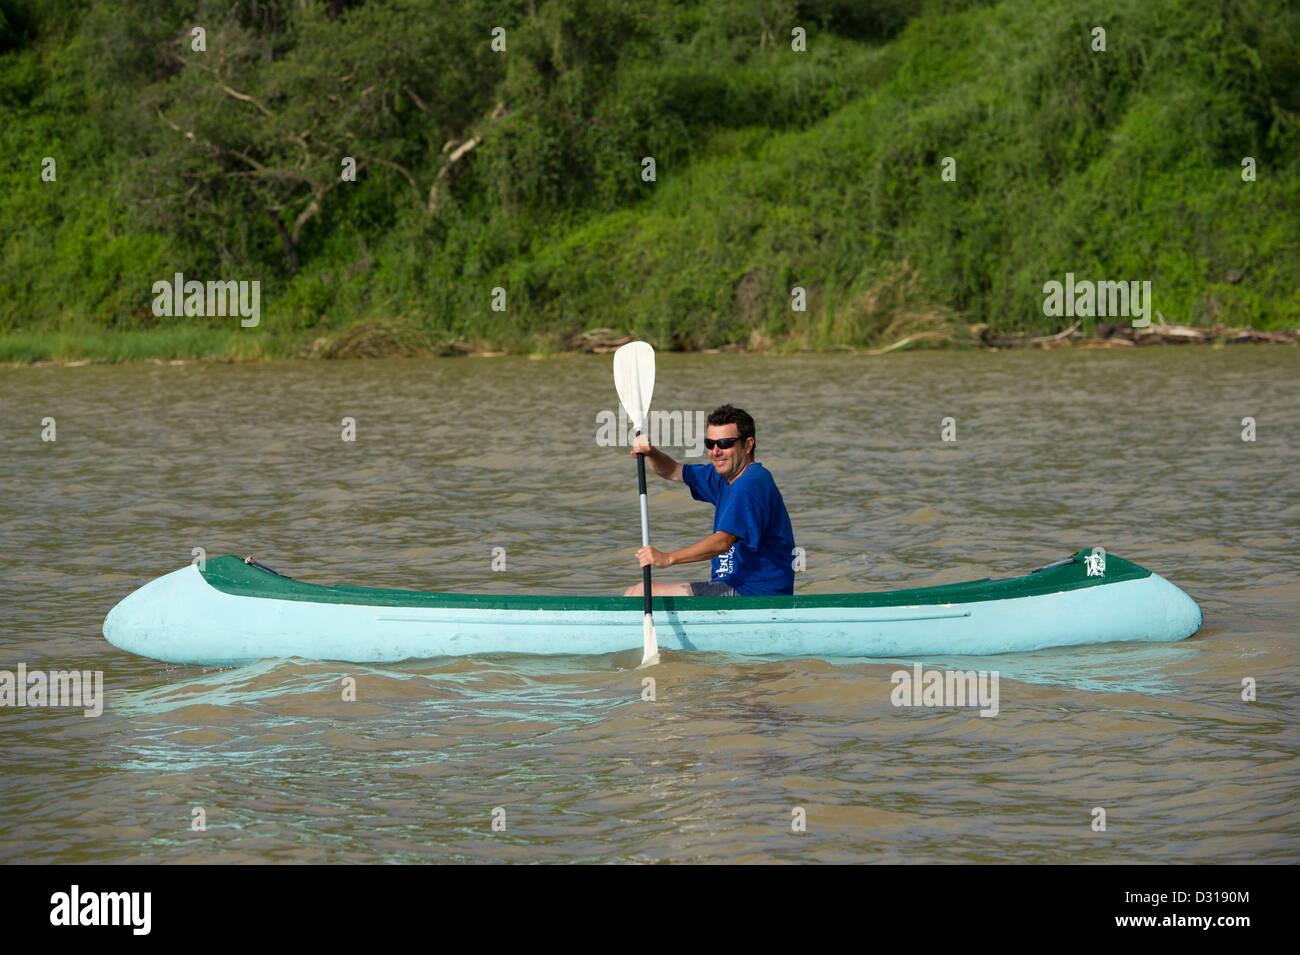 Canoeing on Lake Baringo, Kenya Stock Photo